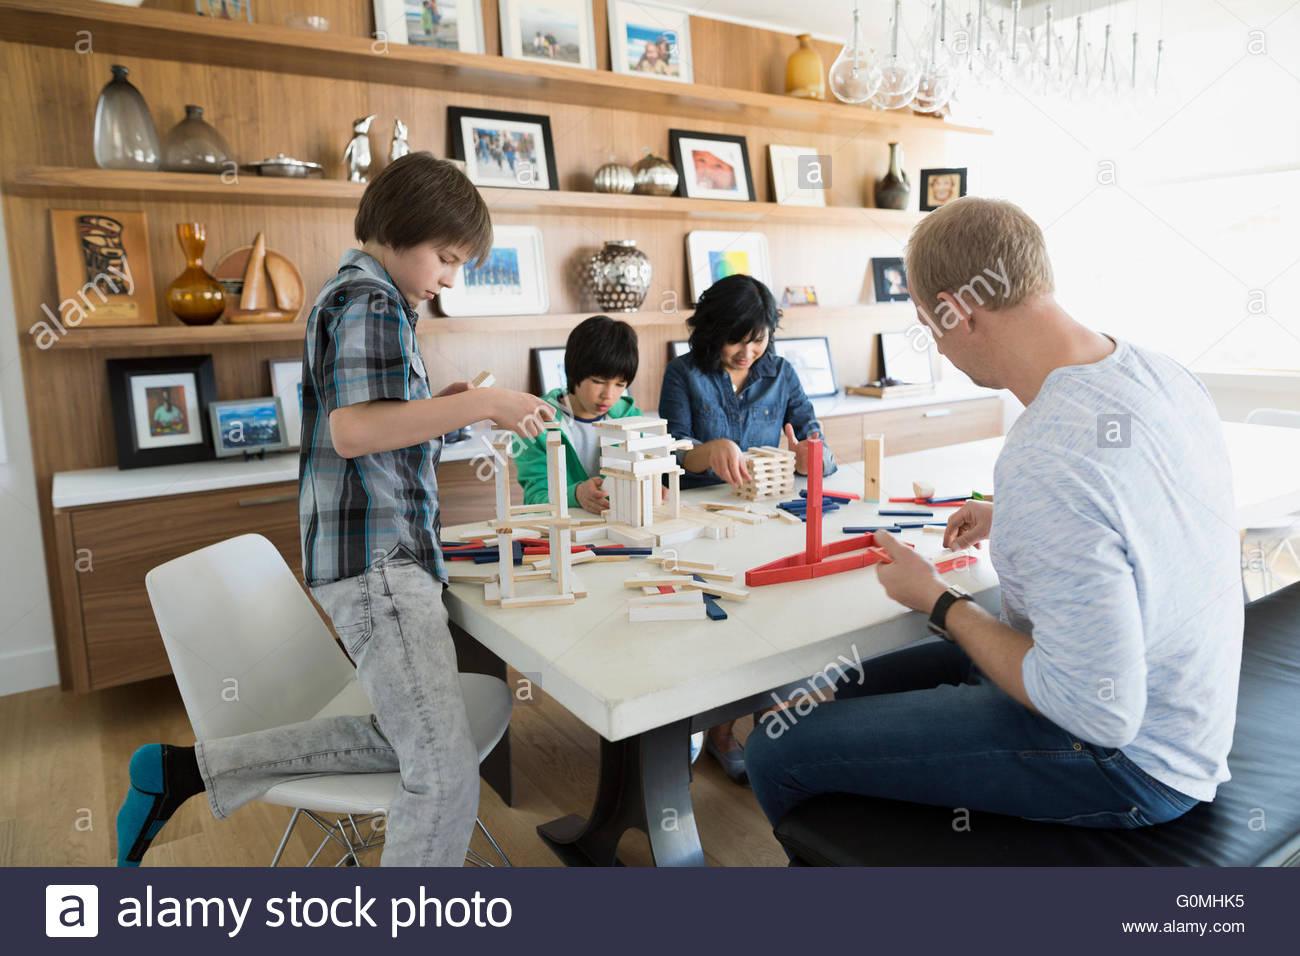 La famiglia gioca con la costruzione di orologi al tavolo da pranzo Immagini Stock